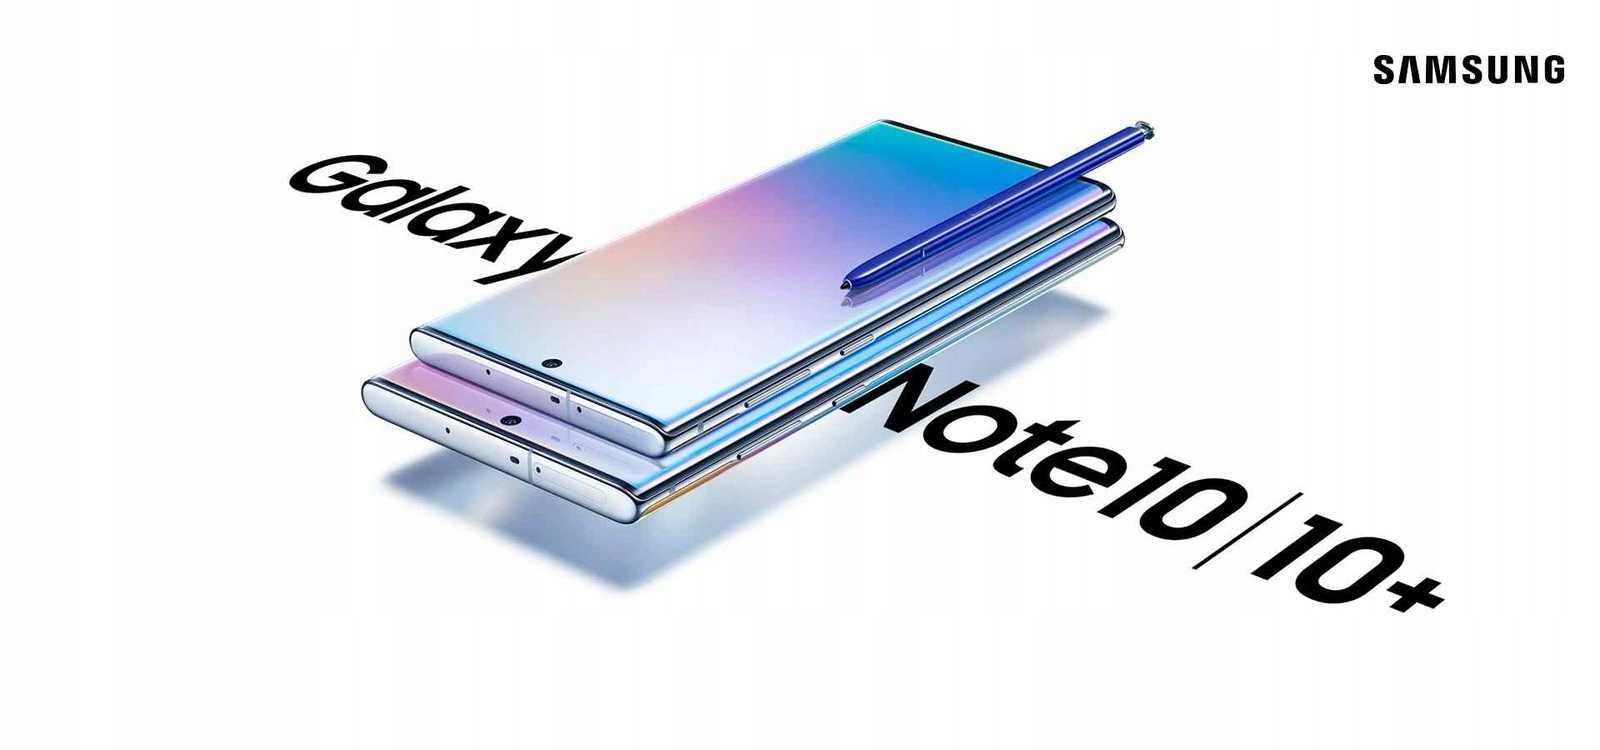 Samsung galaxy note 20 на европейском рынке будет с процессором exynos 990